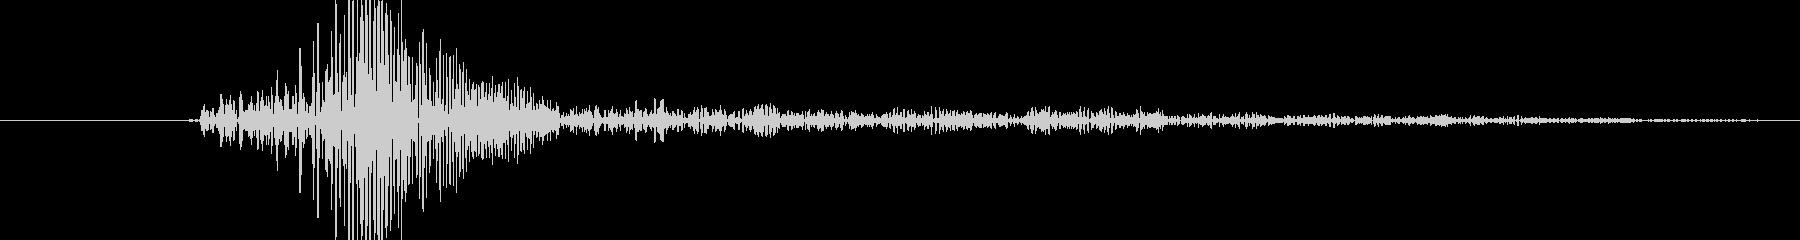 フワッ!というシステム音の未再生の波形